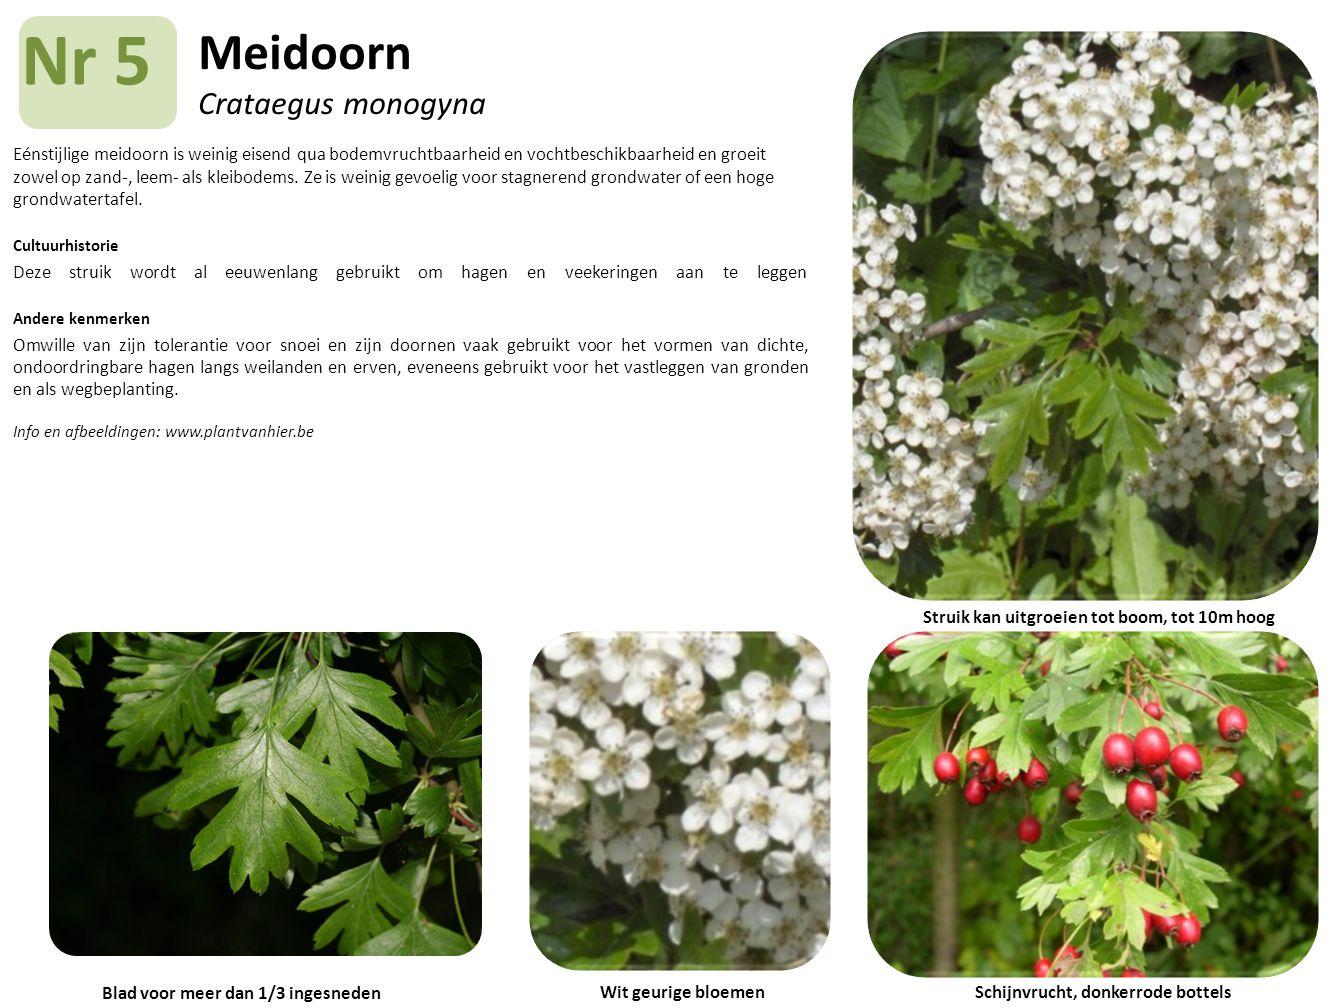 Meidoorn Crataegus monogyna